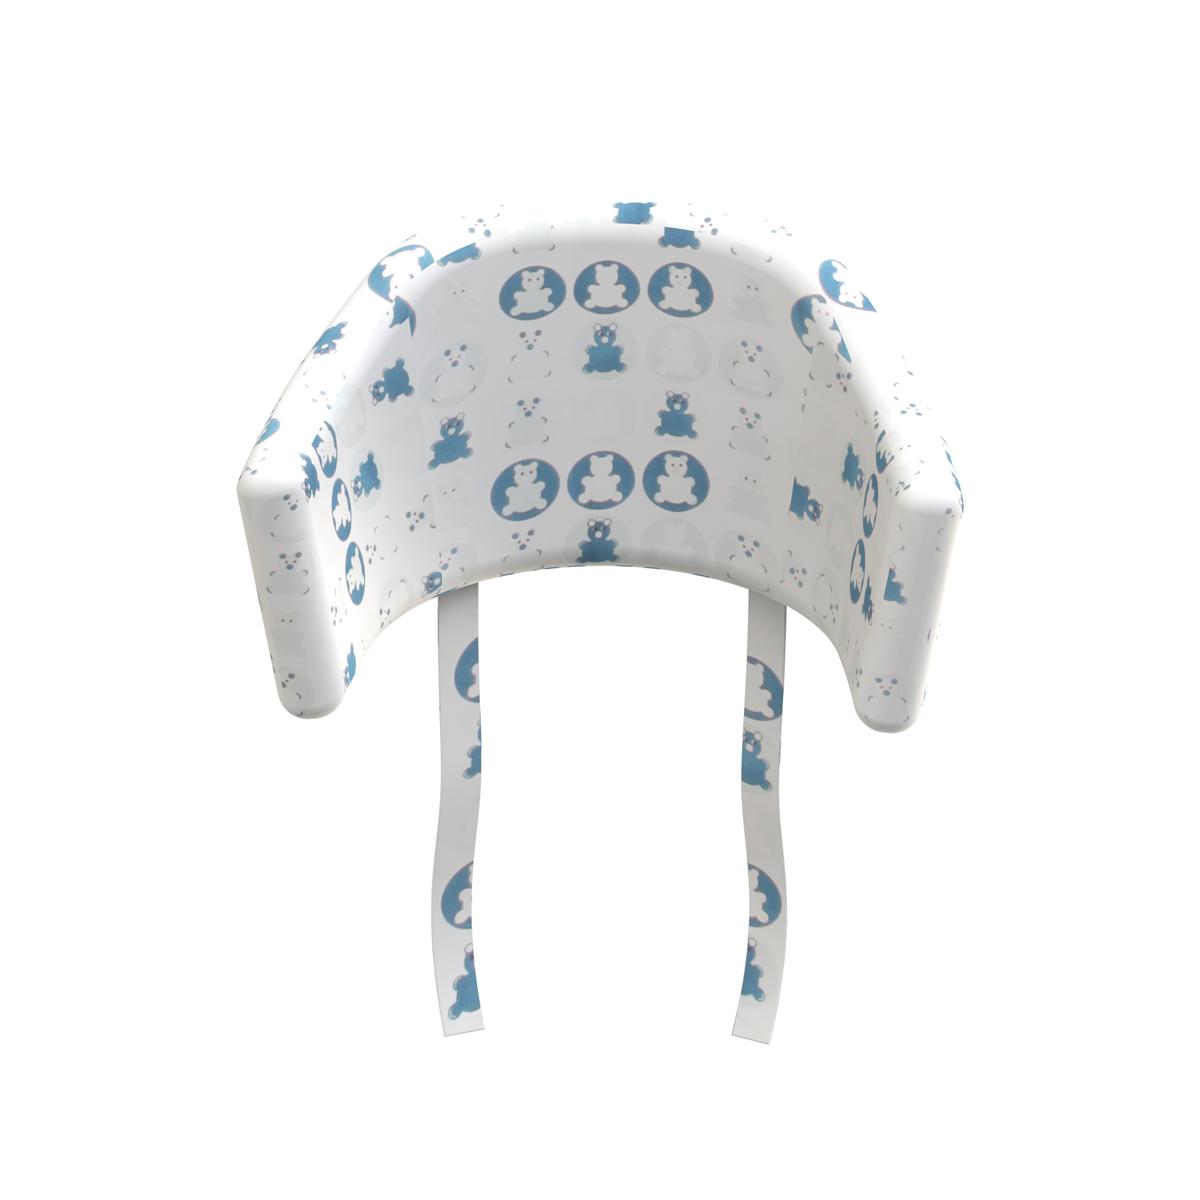 coussin d 39 assise pour chaise haute bleu flexa pour chambre enfant les enfants du design. Black Bedroom Furniture Sets. Home Design Ideas